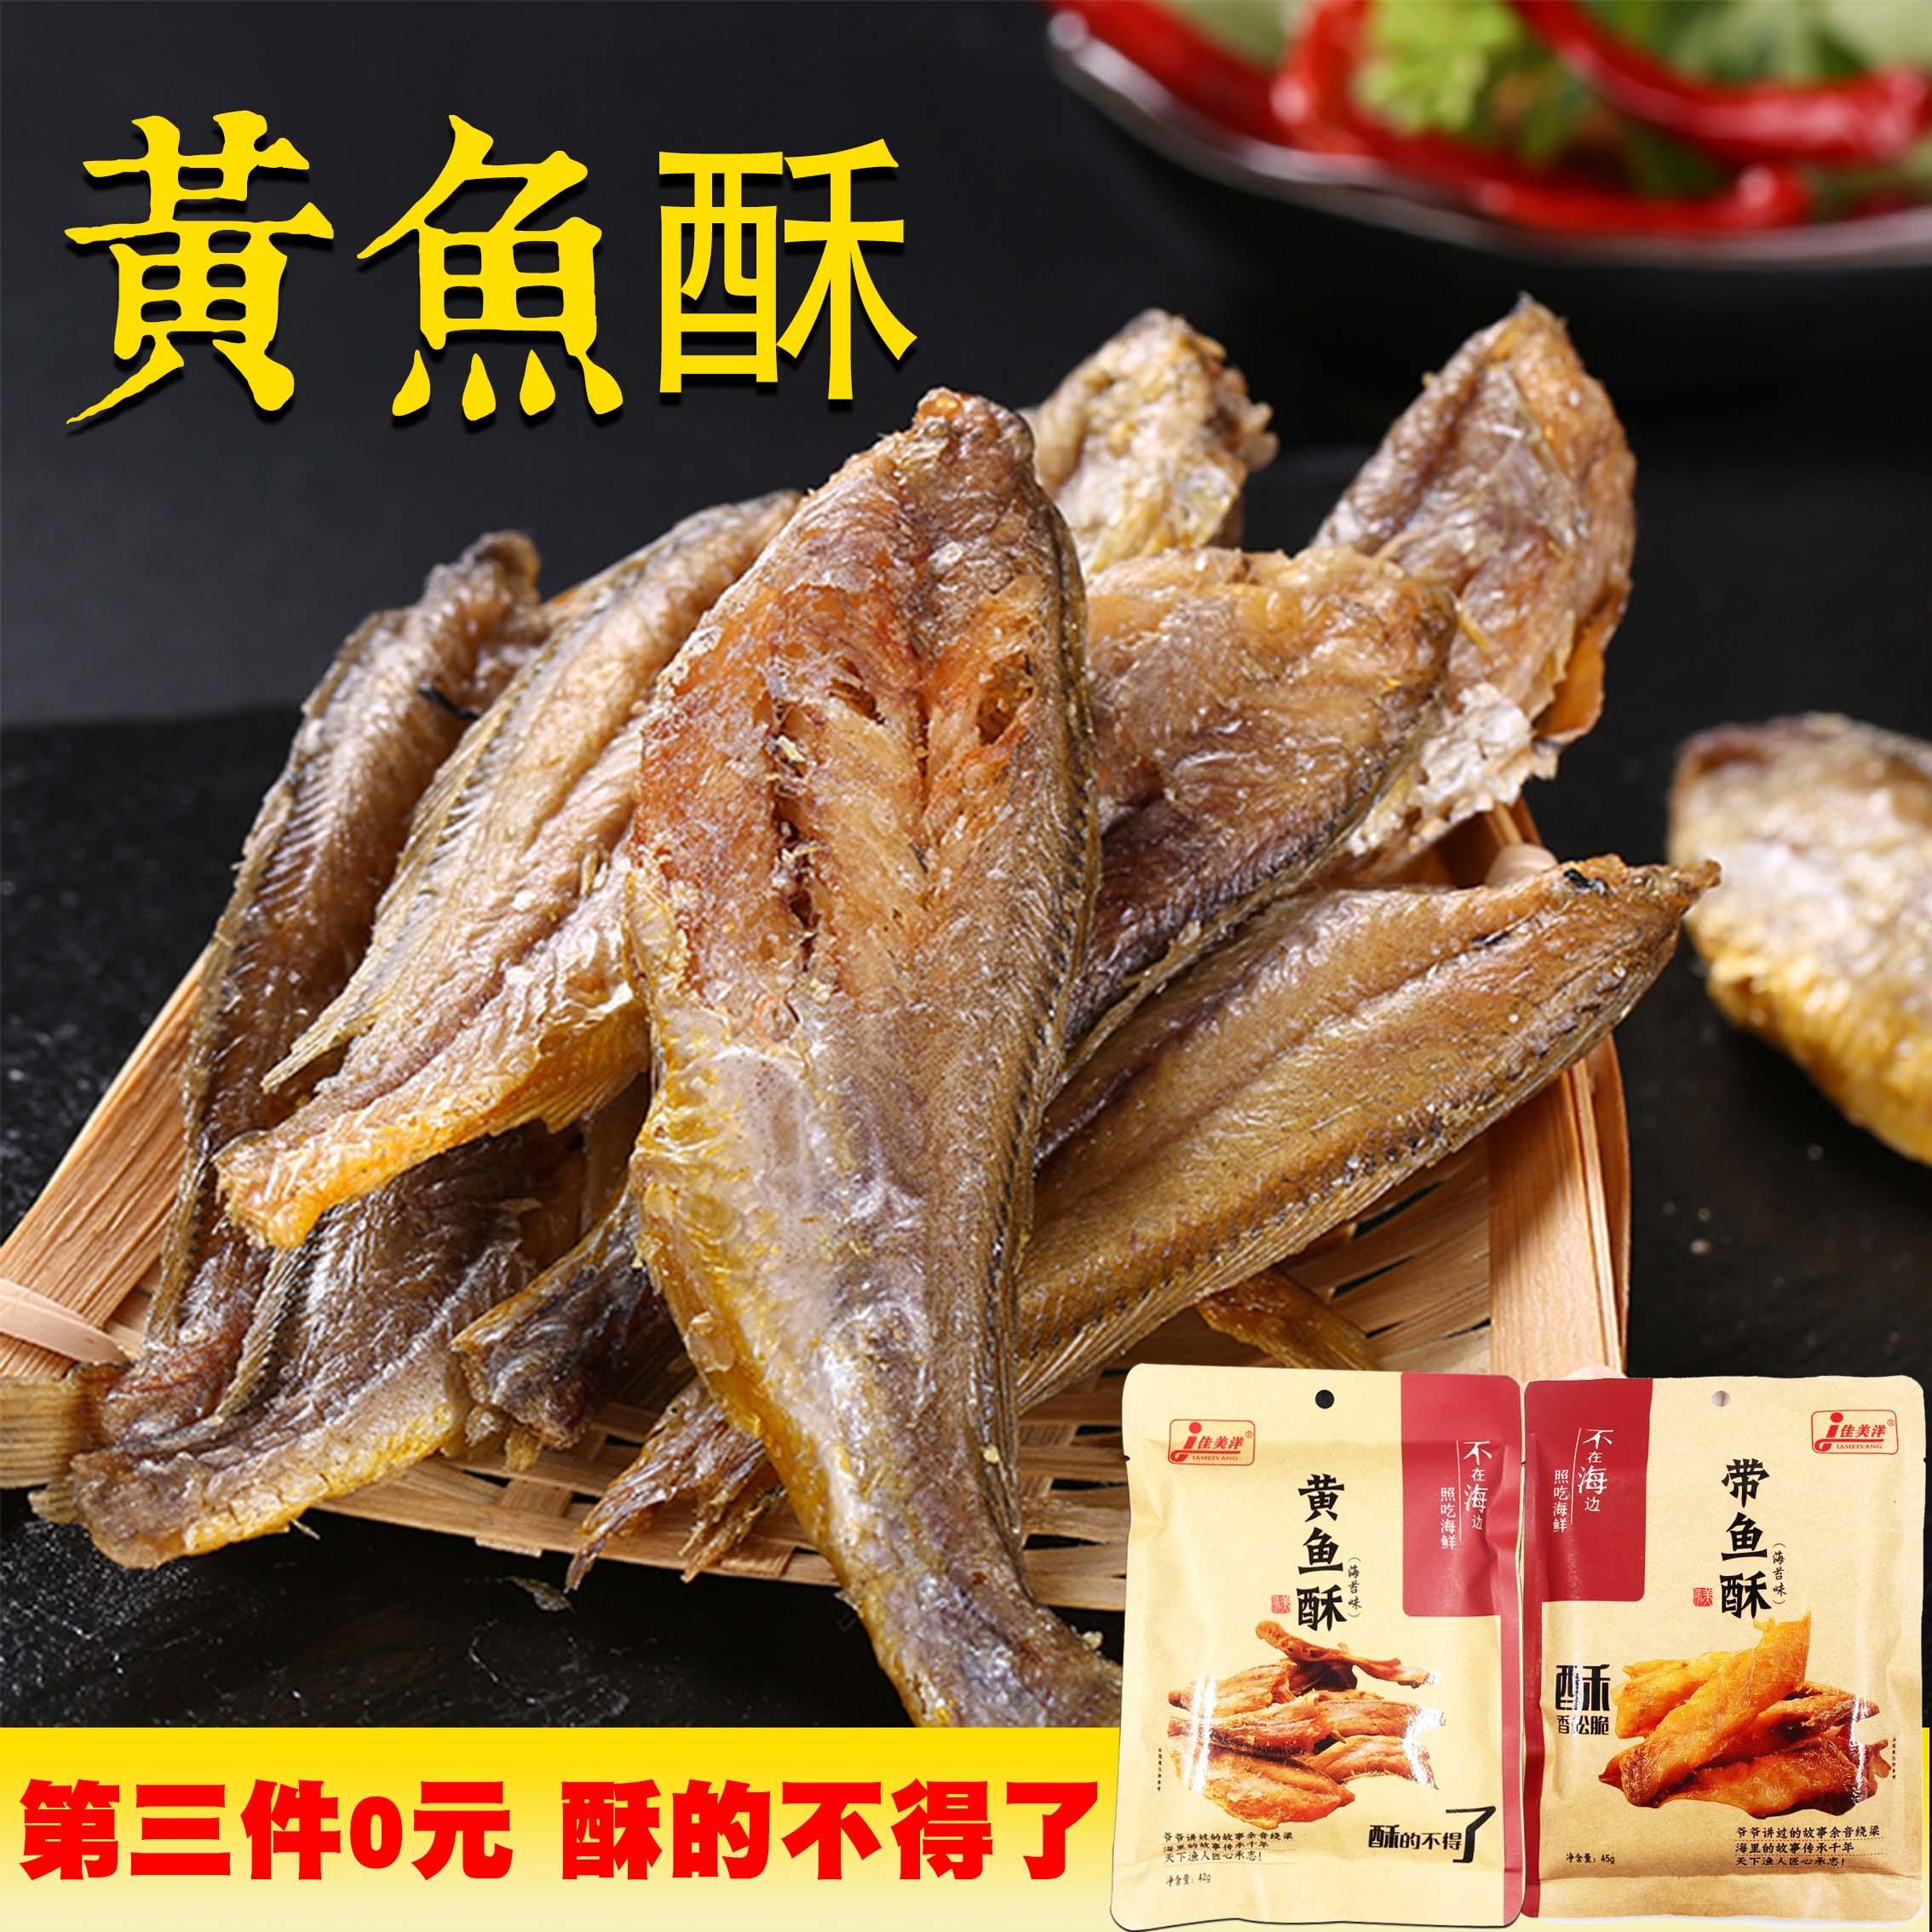 佳美 青岛 特产 带鱼 黄鱼 小鱼 小黄鱼 即食 零食 海鲜